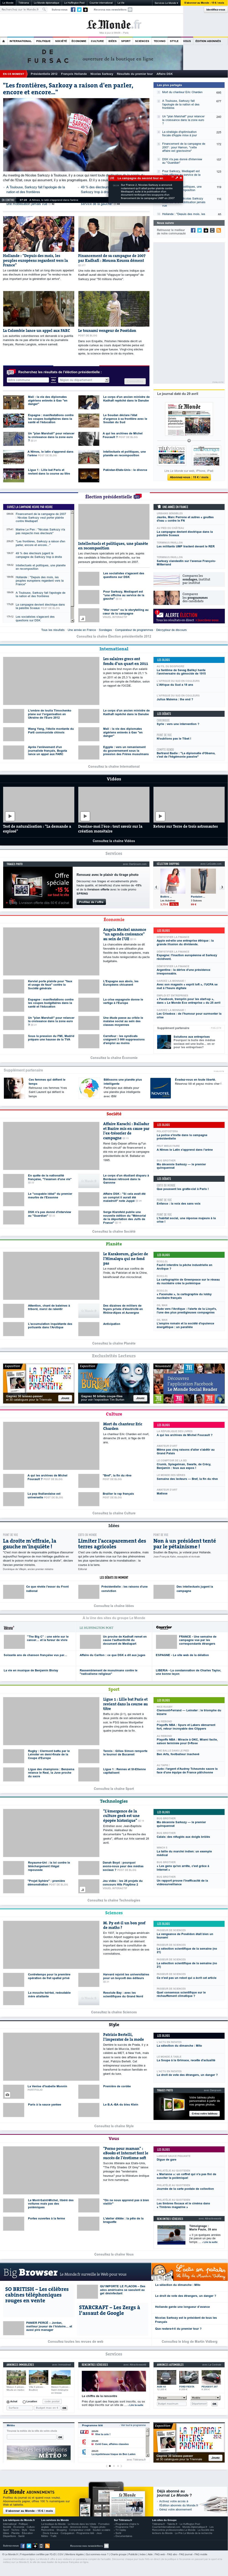 Le Monde at Monday April 30, 2012, 6:08 a.m. UTC